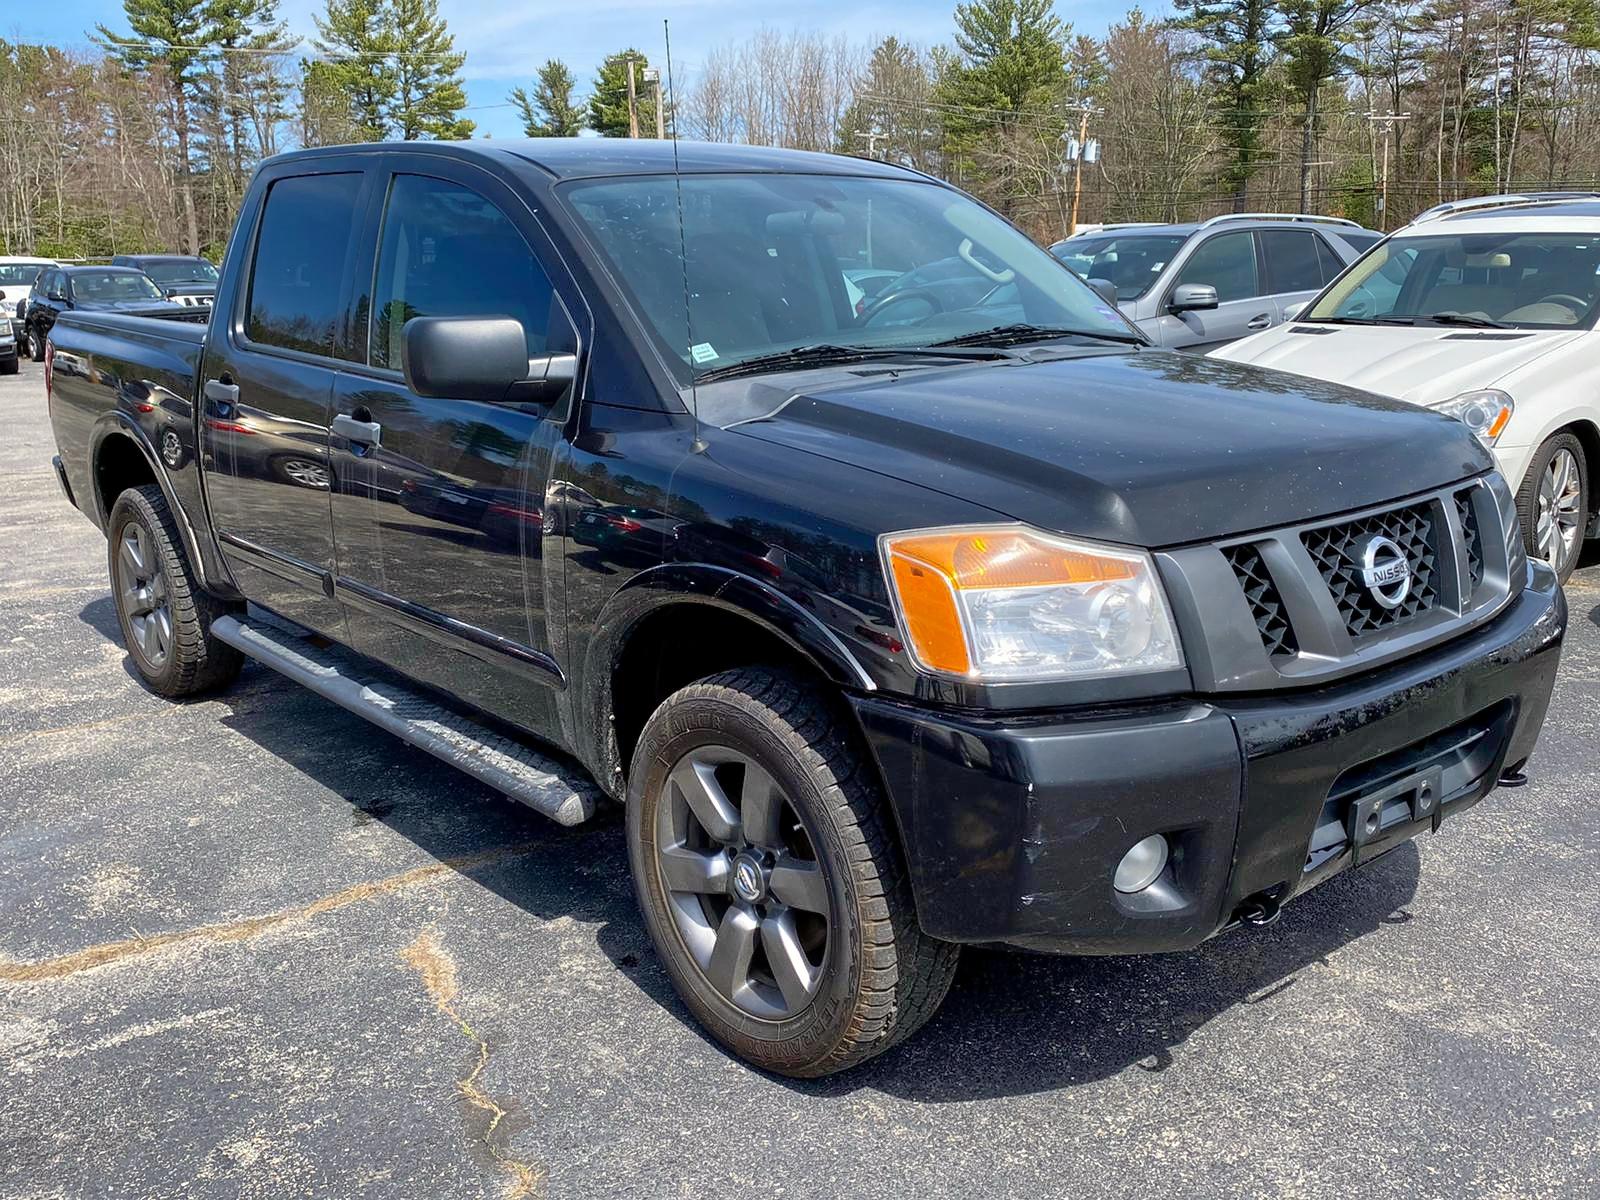 1N6AA0EJ9CN311613 - 2012 Nissan Titan S 5.6L Left View